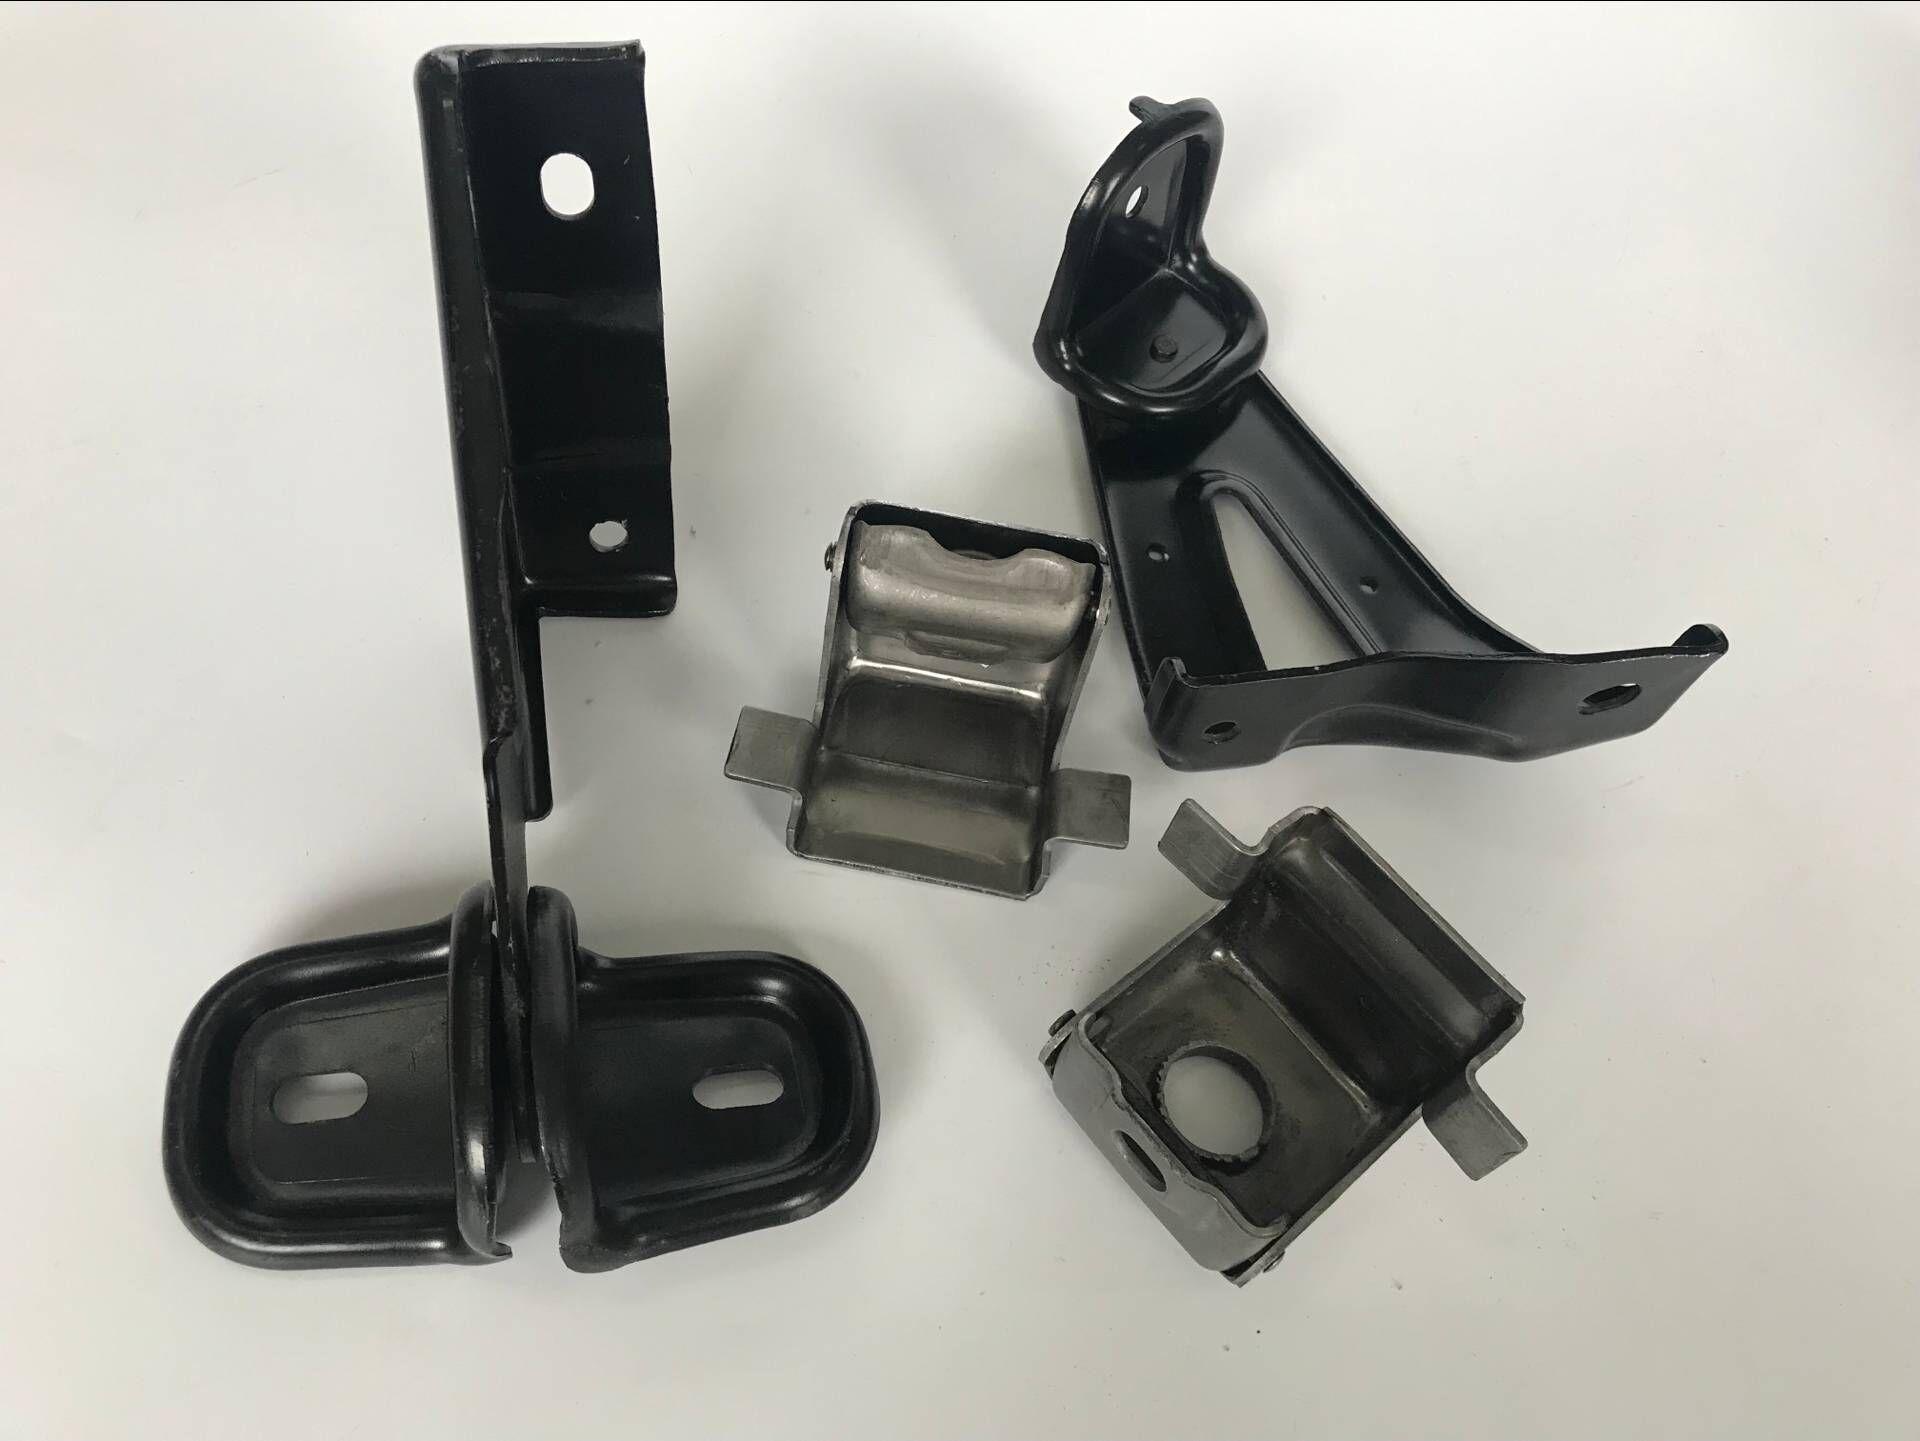 定制冲压件加工高品质冲压产品用于汽车座椅安全带卡扣